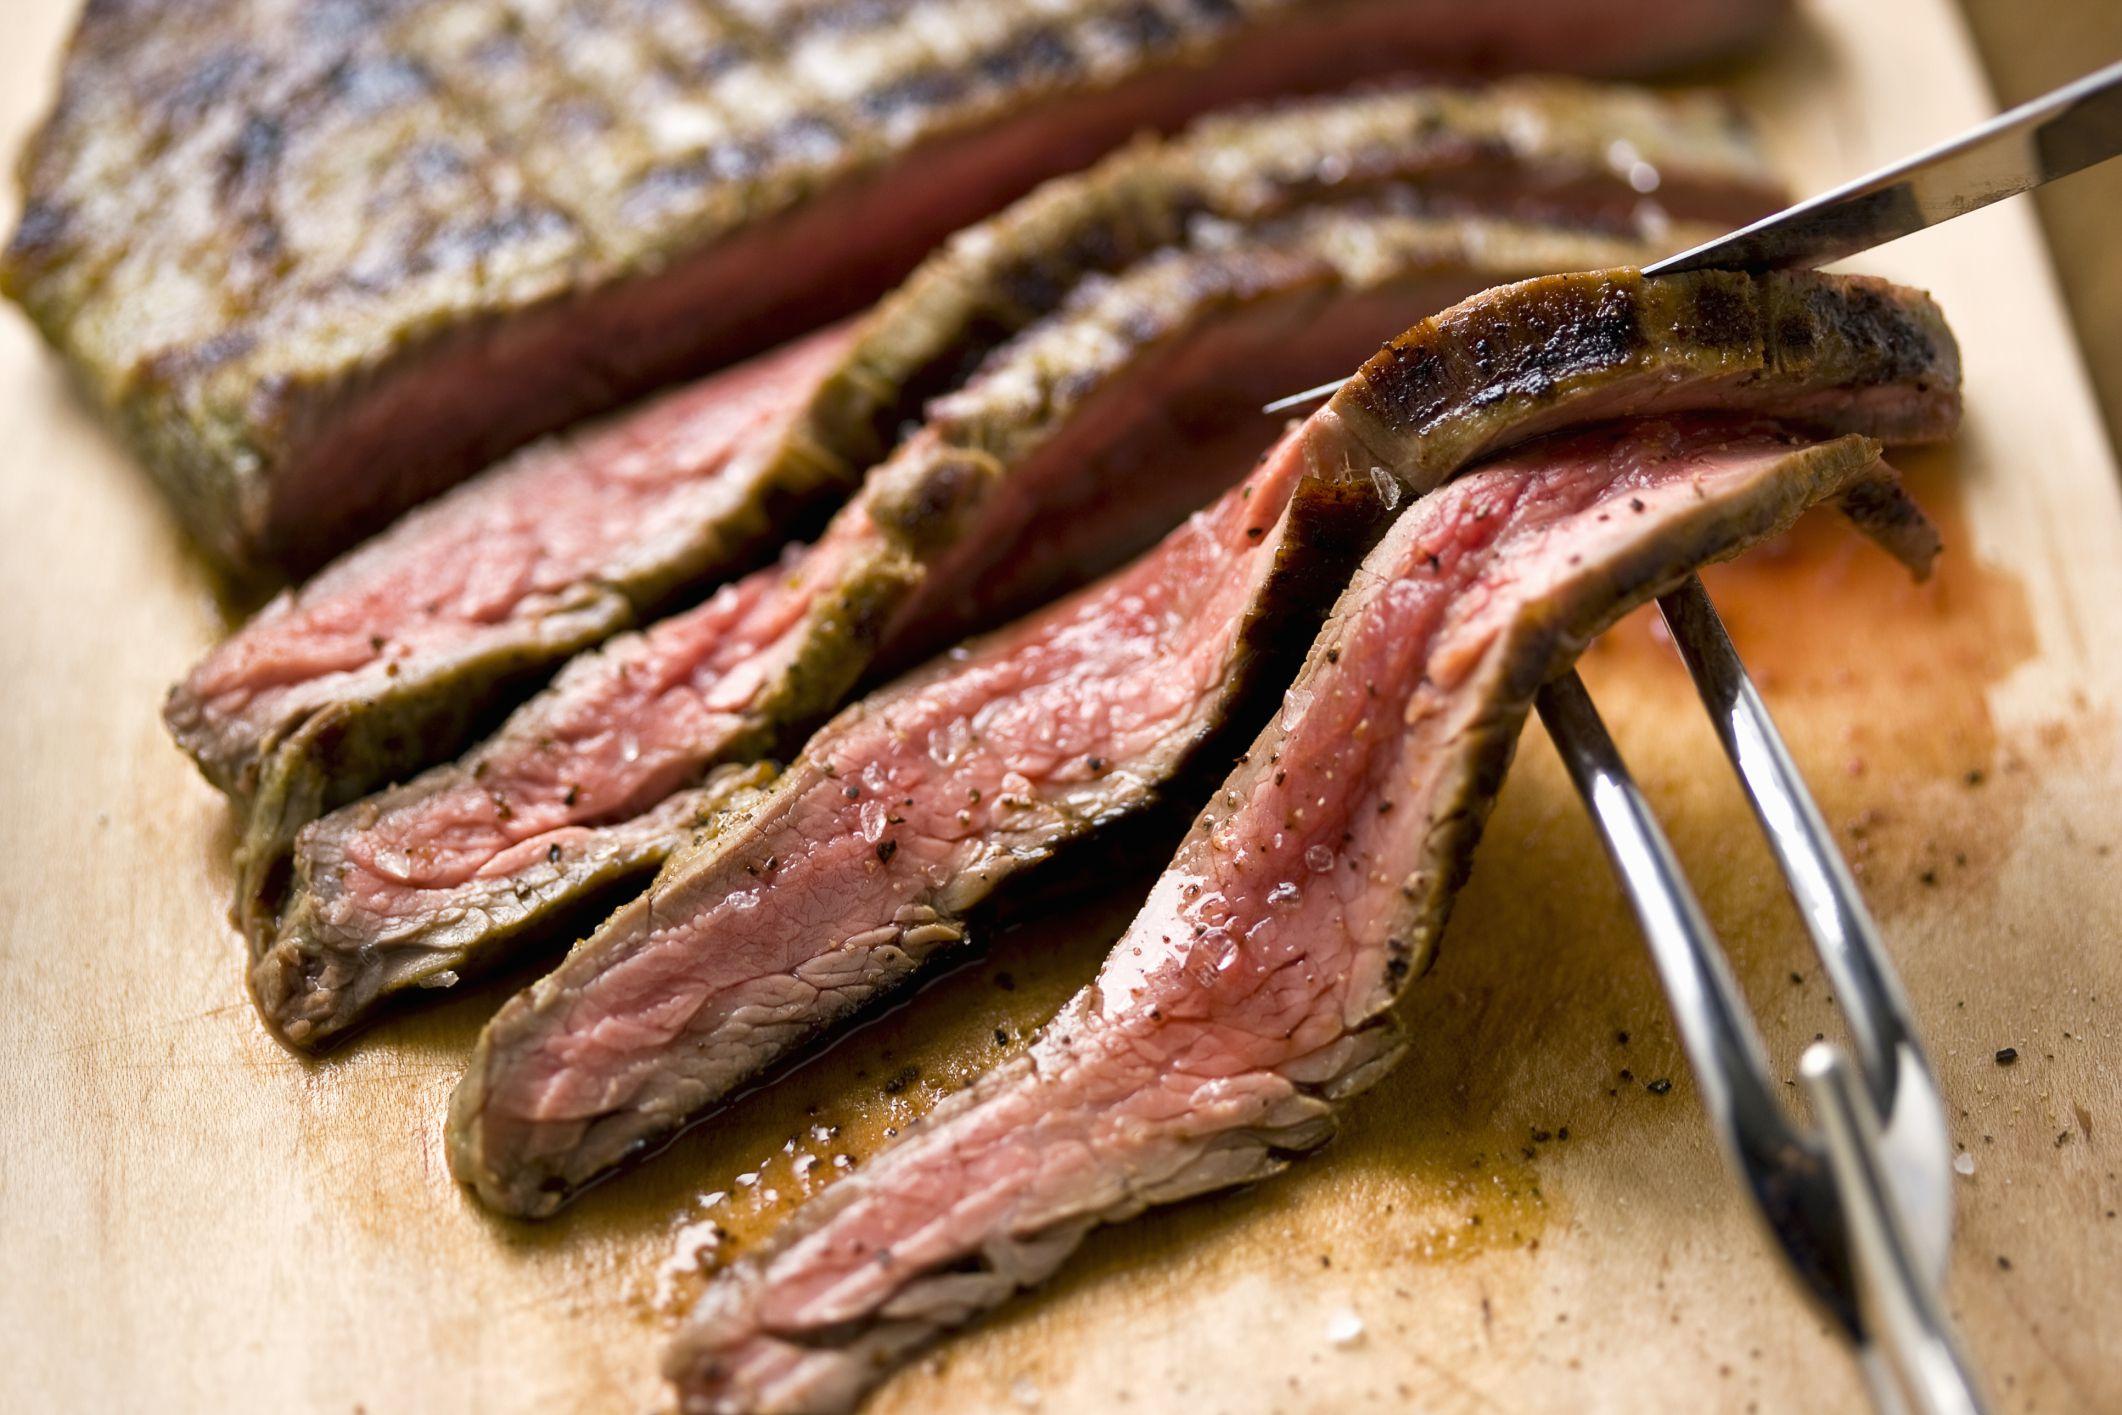 Whole Foods Steak Calories